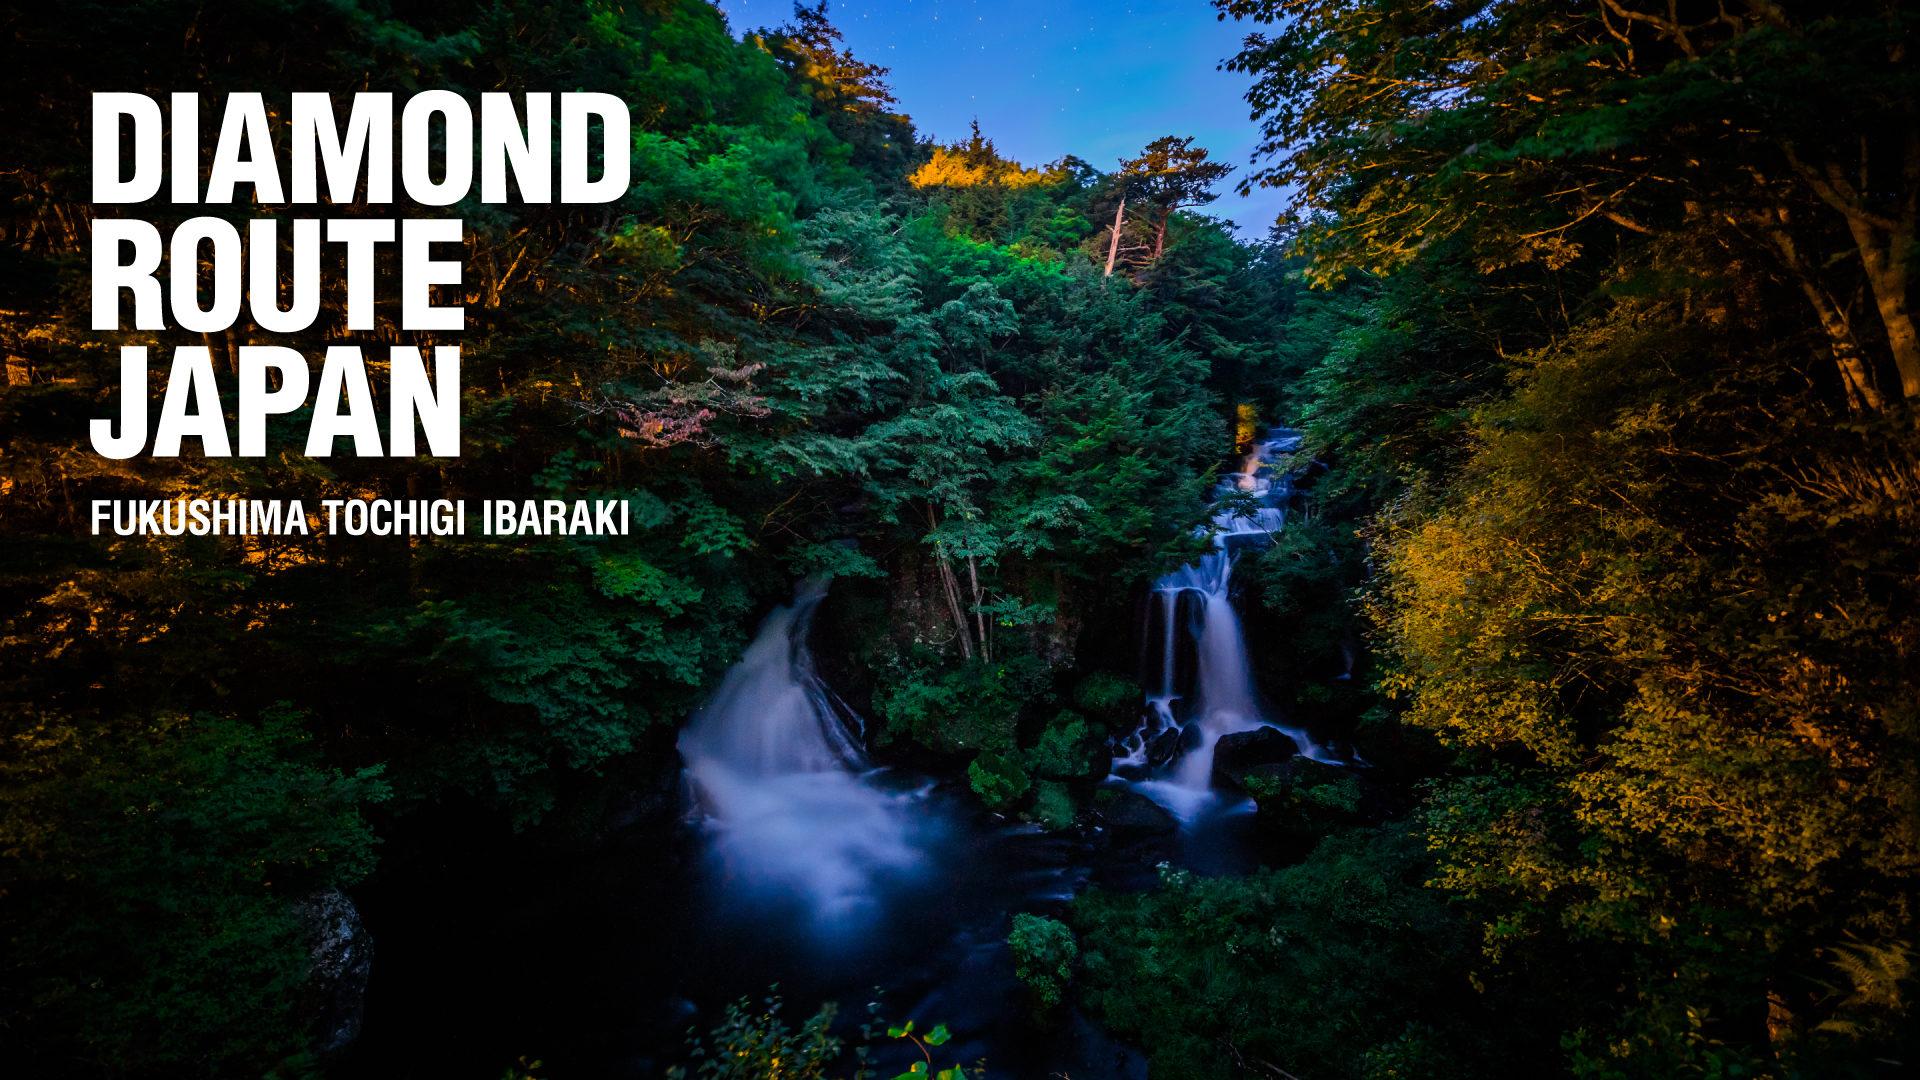 Diamond Route Japan